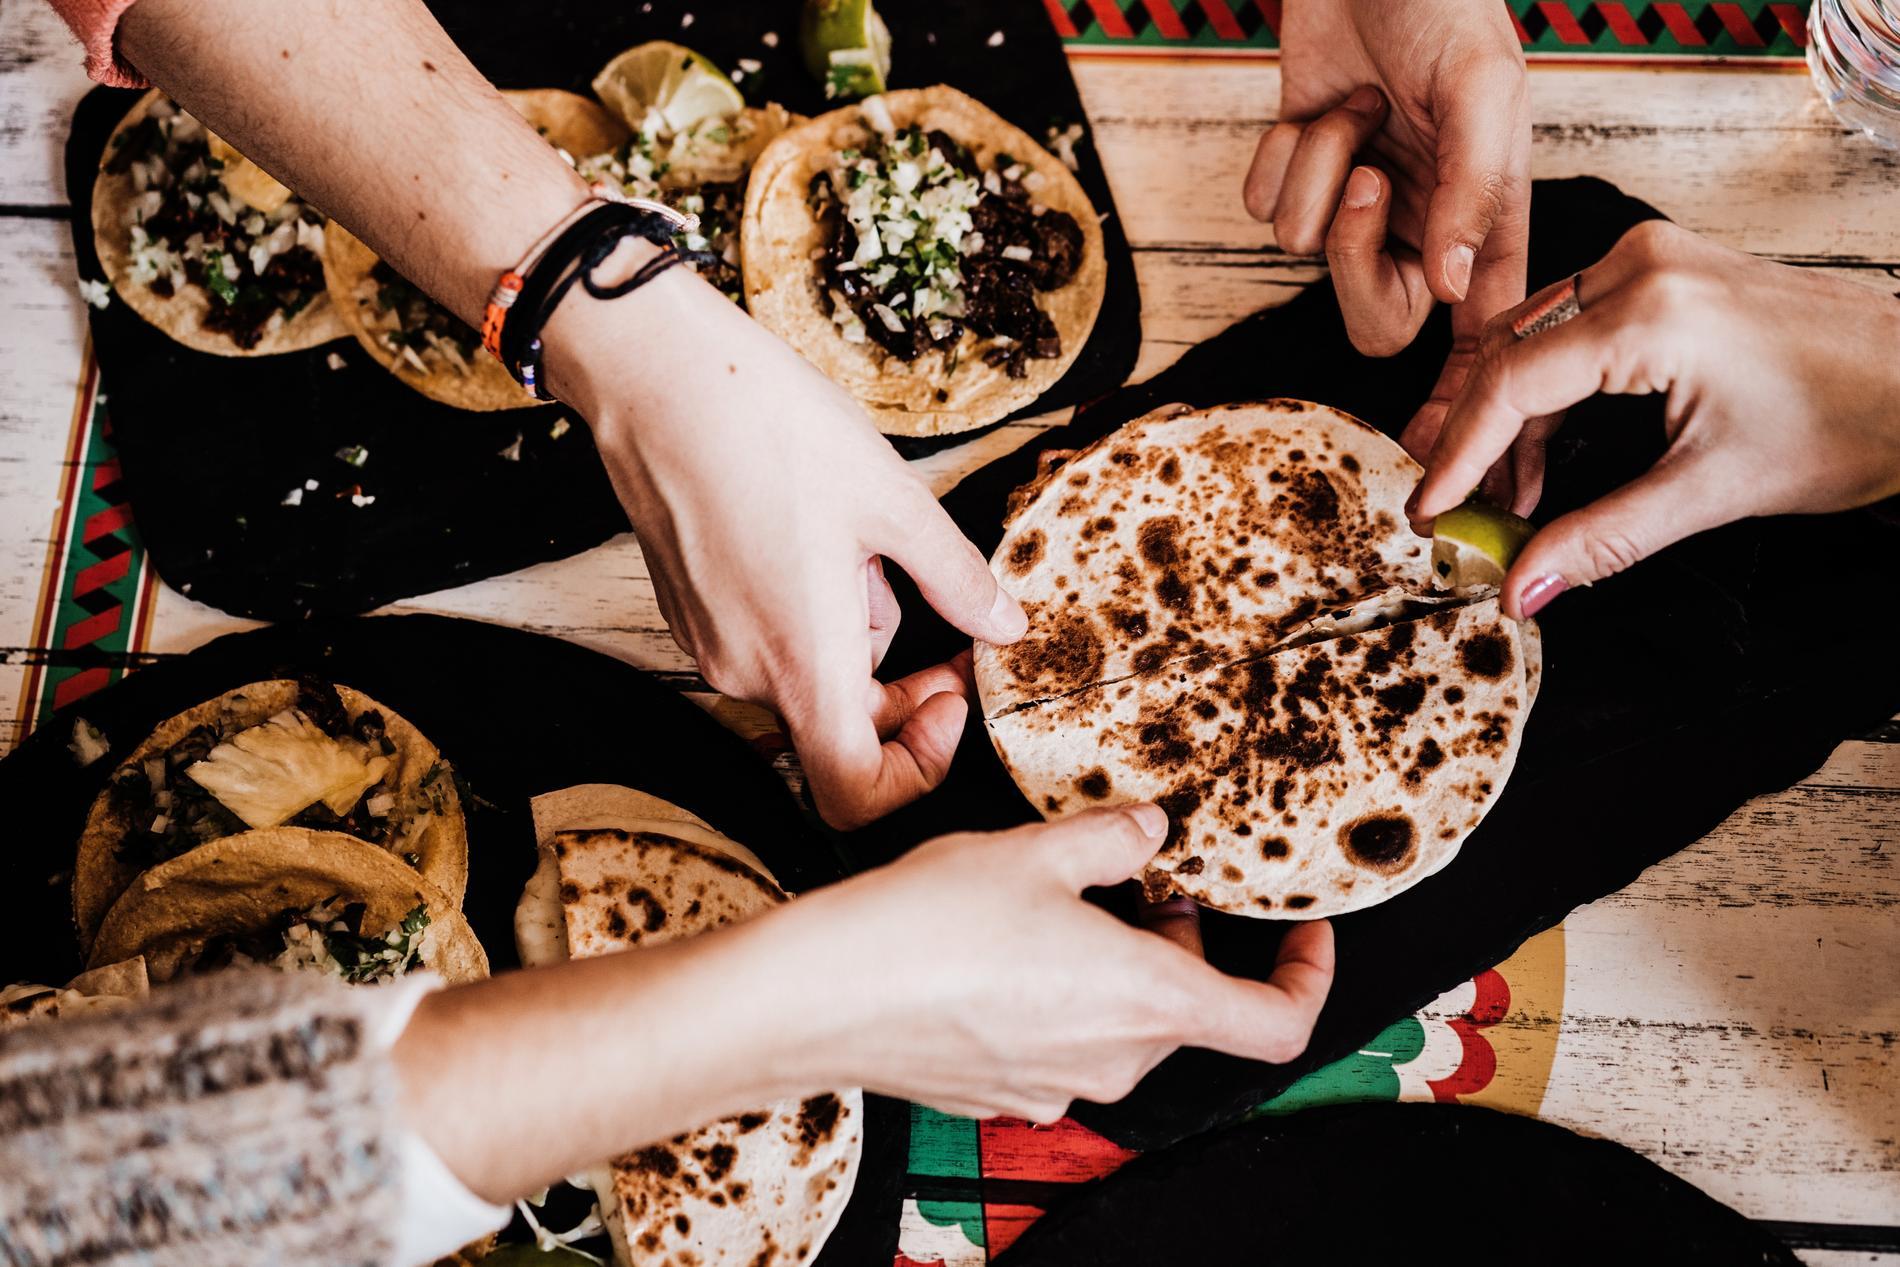 Tacos kan varieras i det oändliga med kött, fågel, fisk, skaldjur, vegofärs eller halloumi.